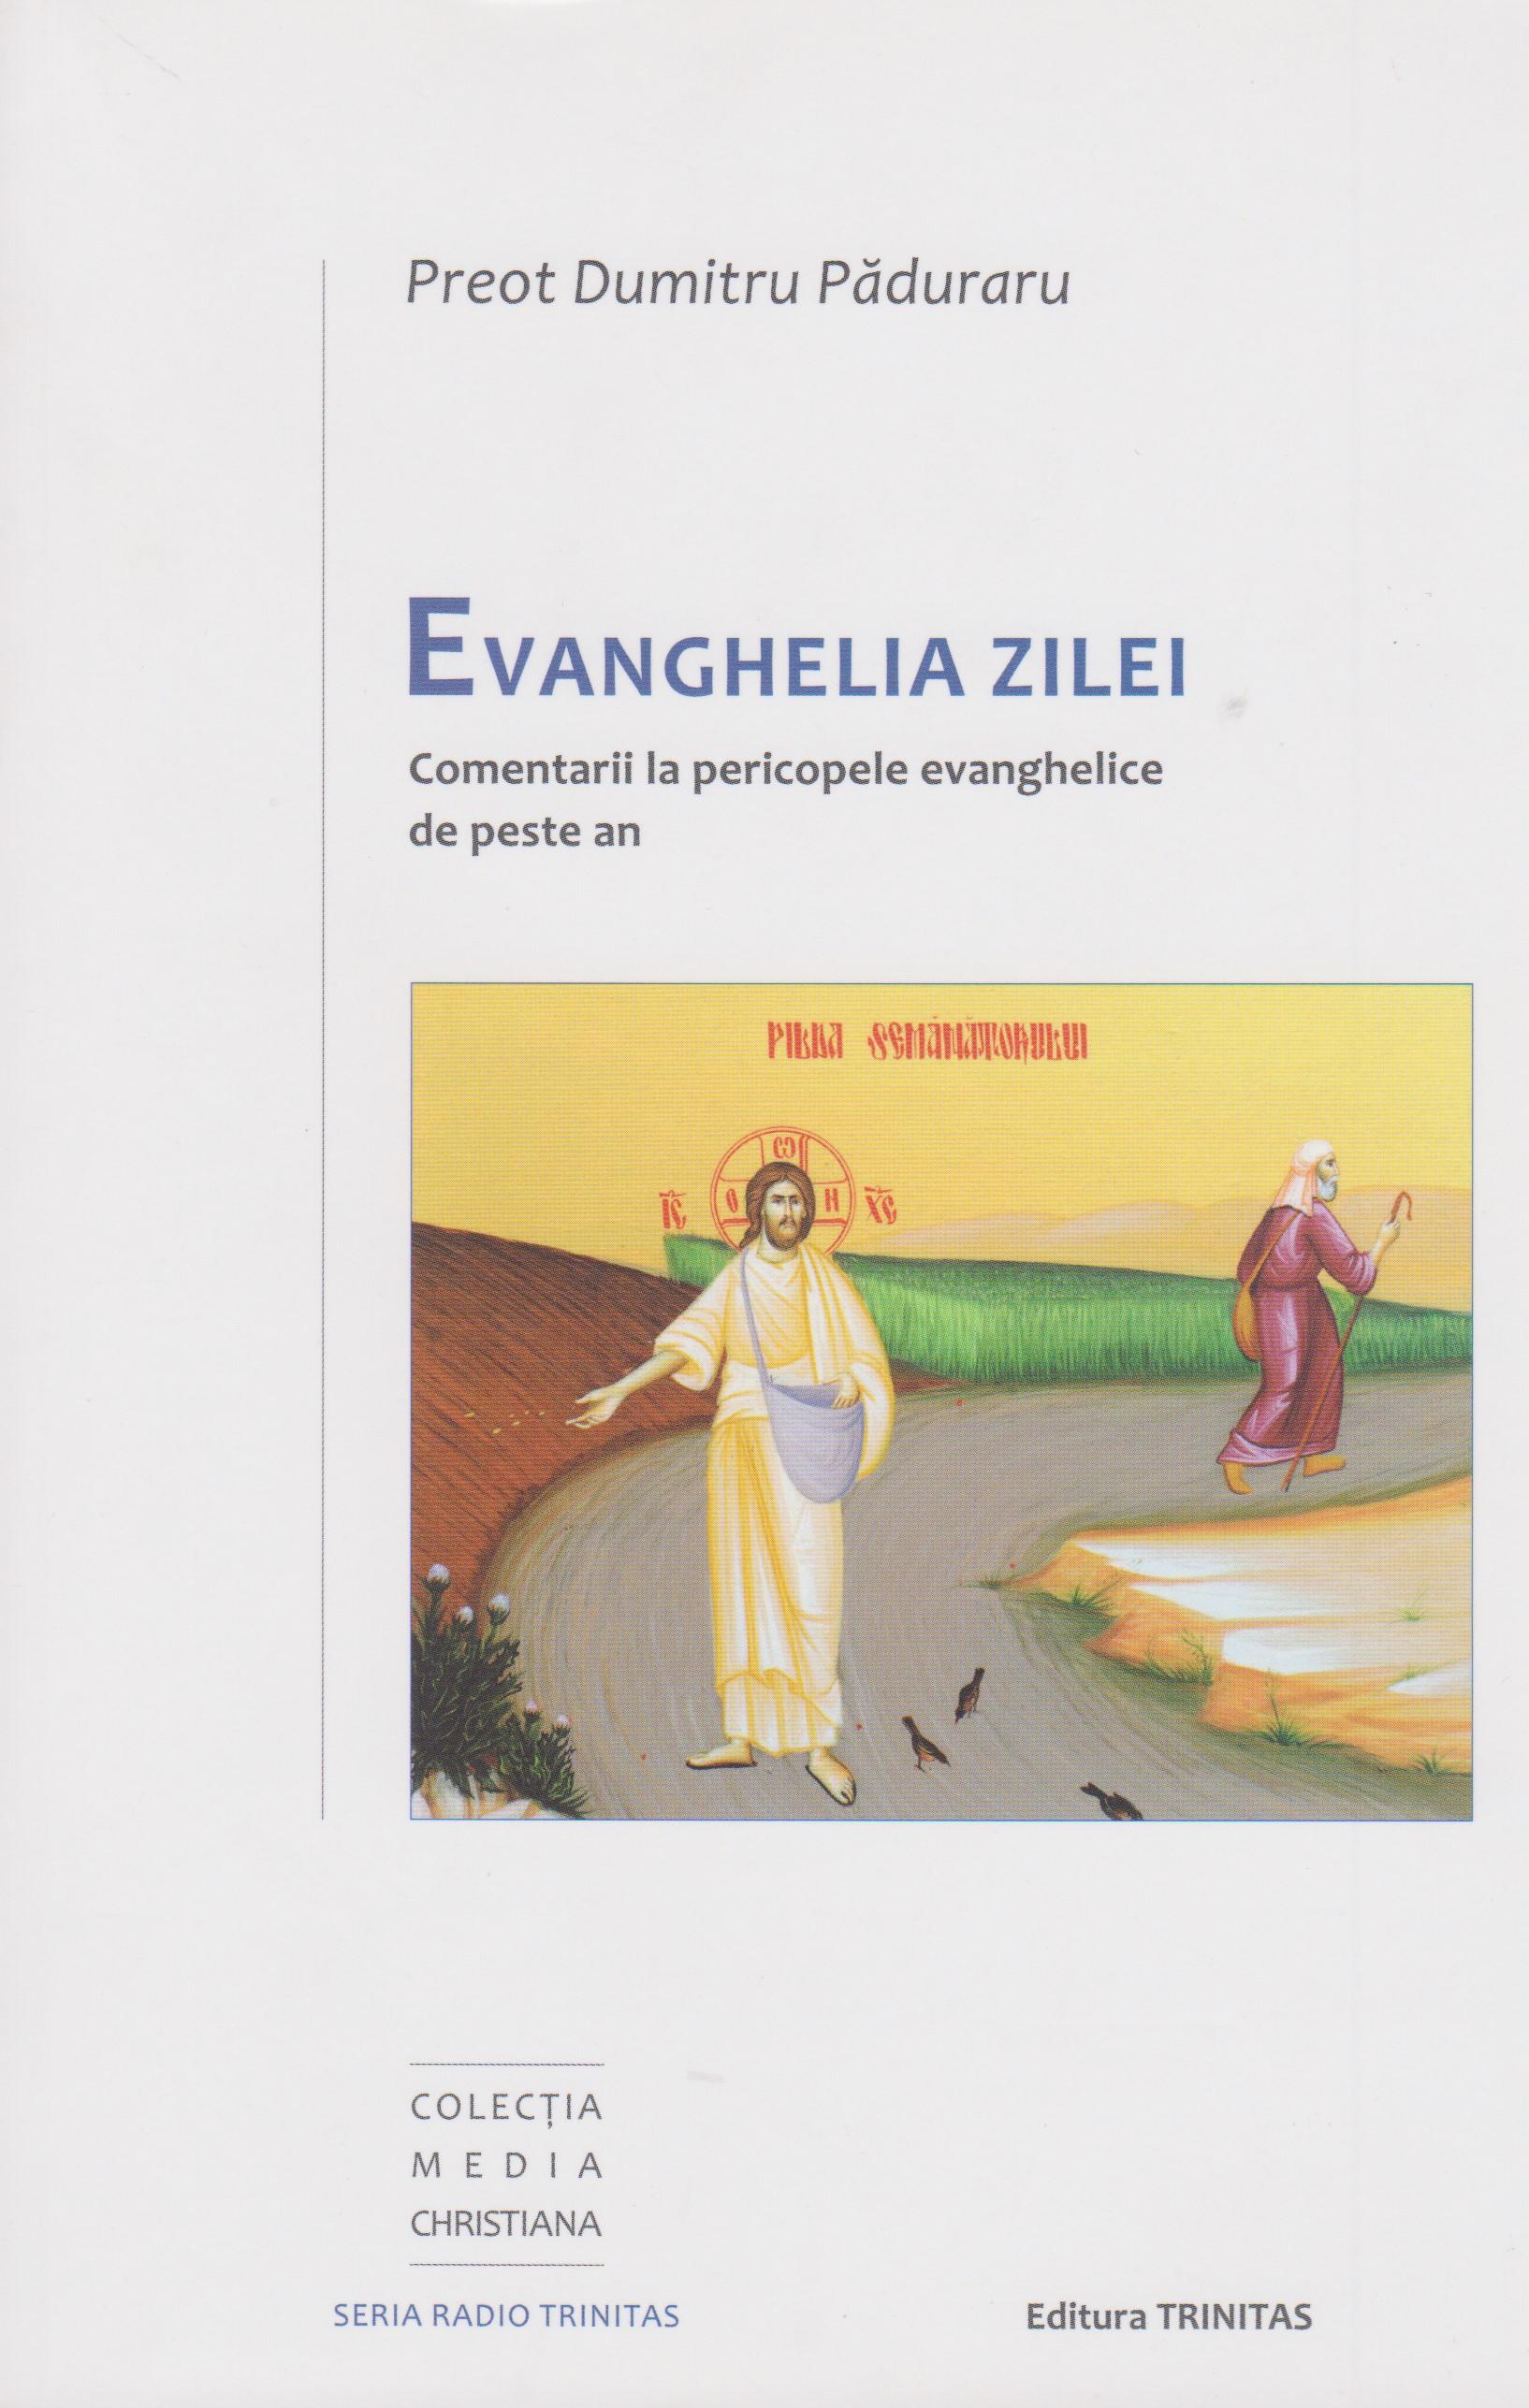 Evanghelia zilei - Comentarii la pericopele evanghelice de peste an